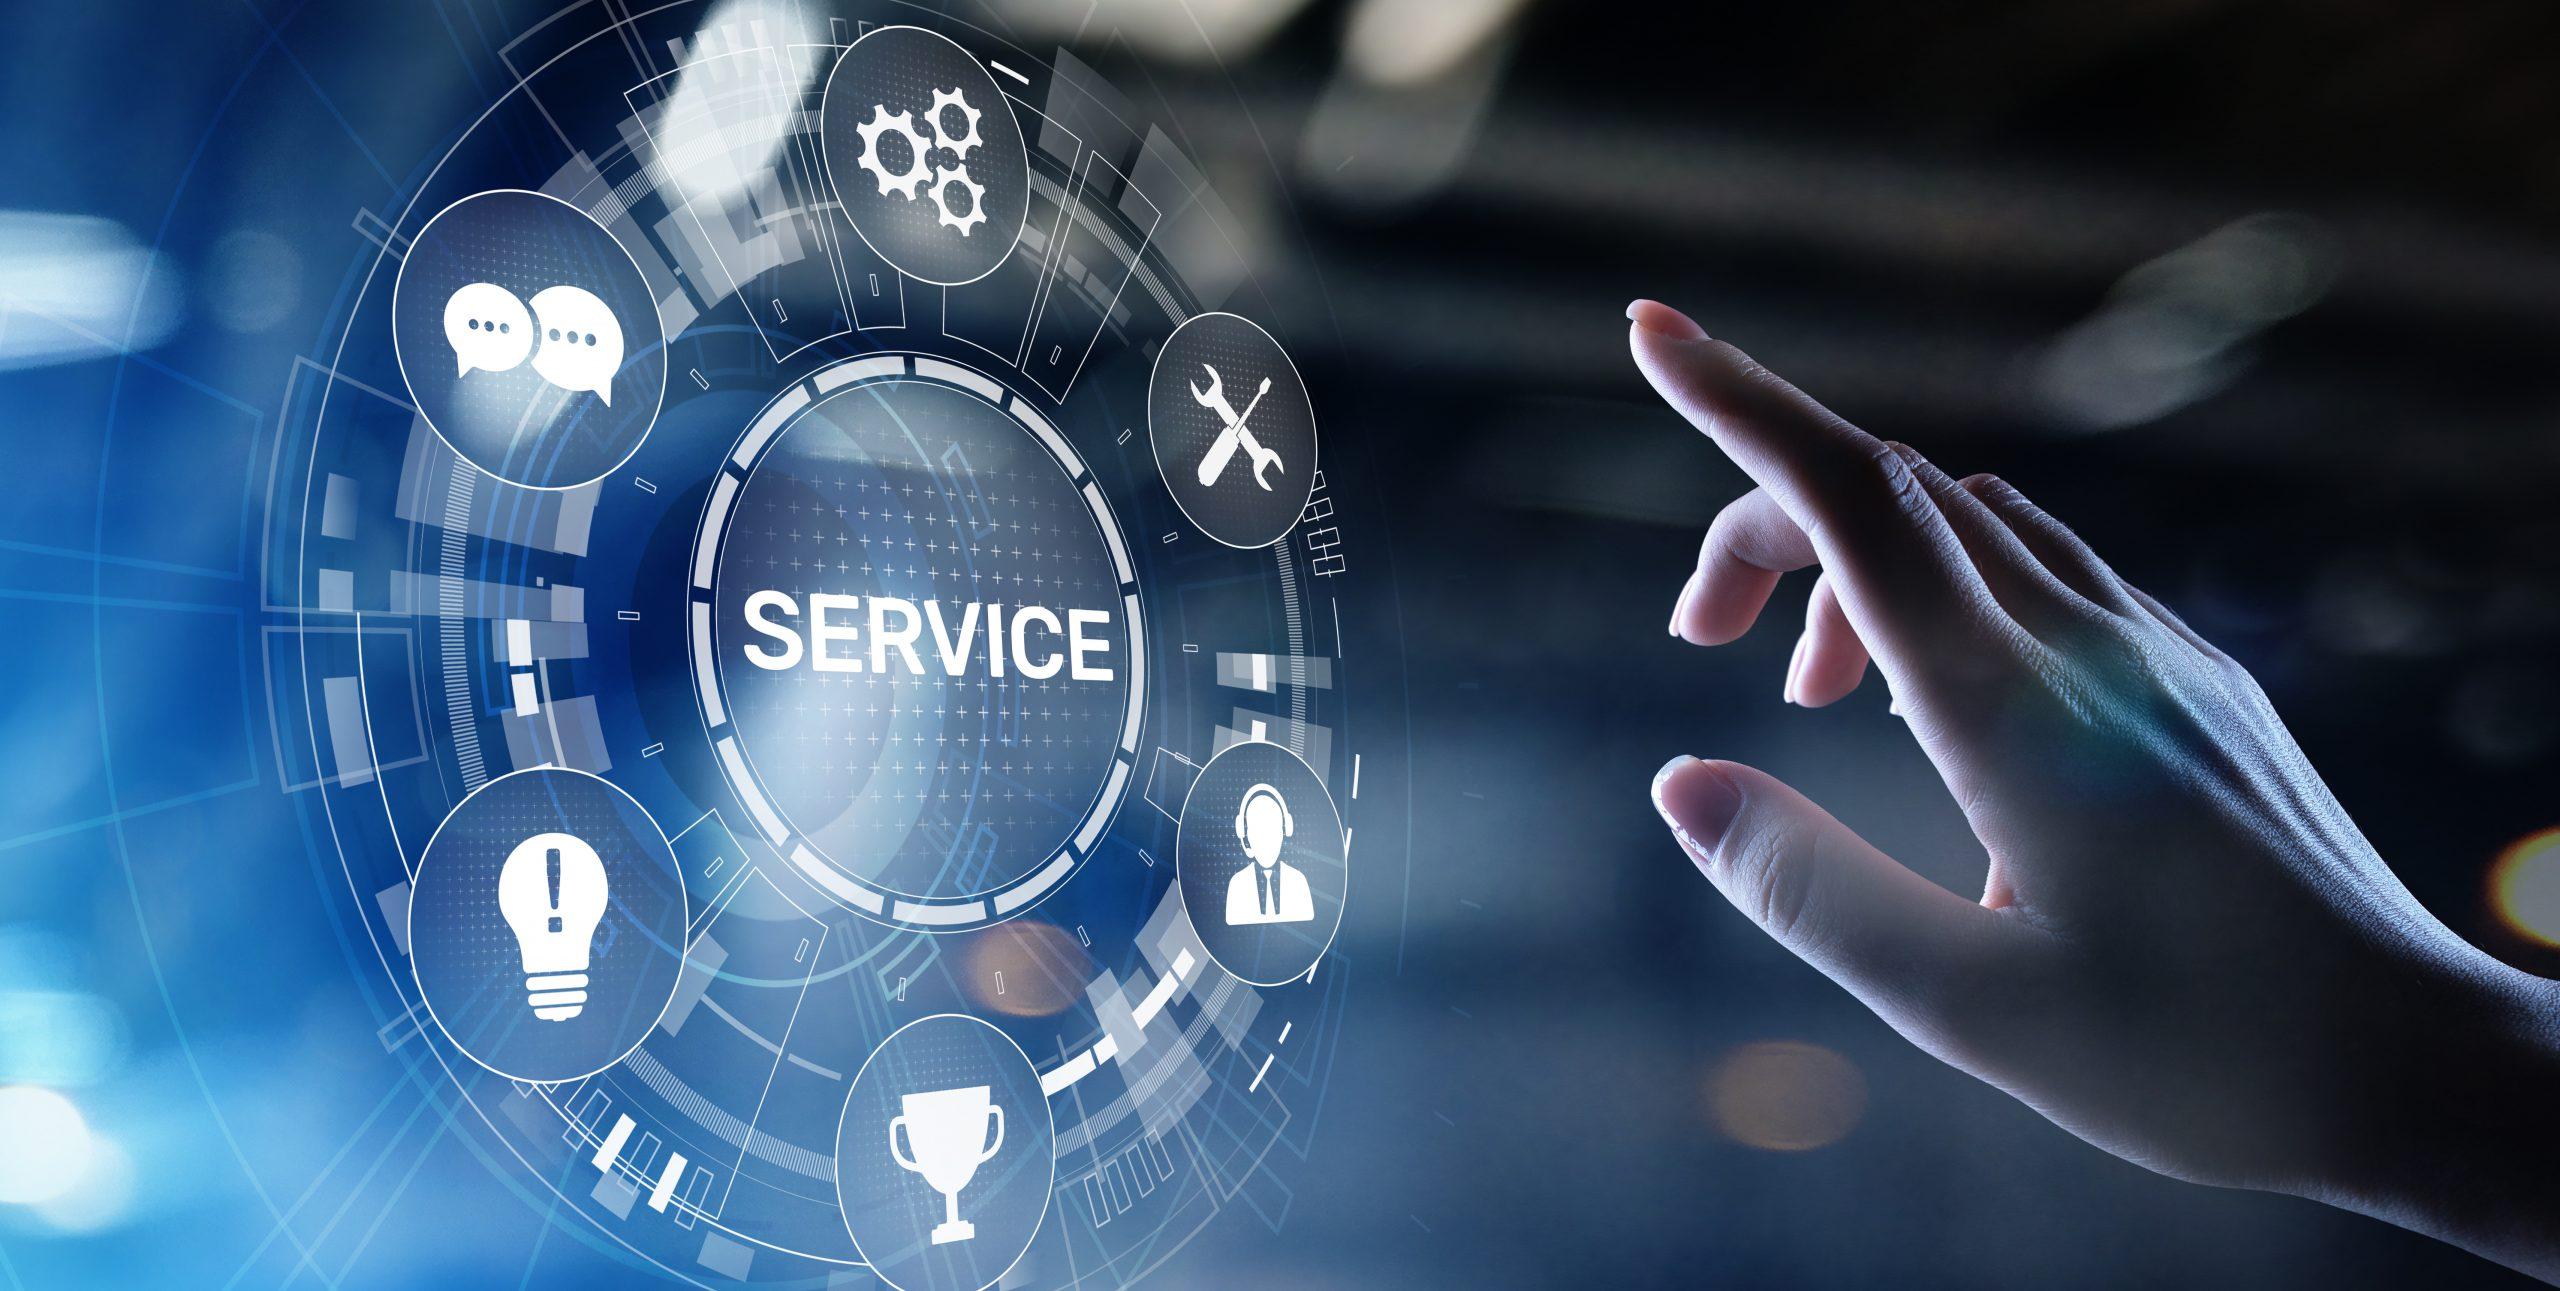 Szolgáltatás management